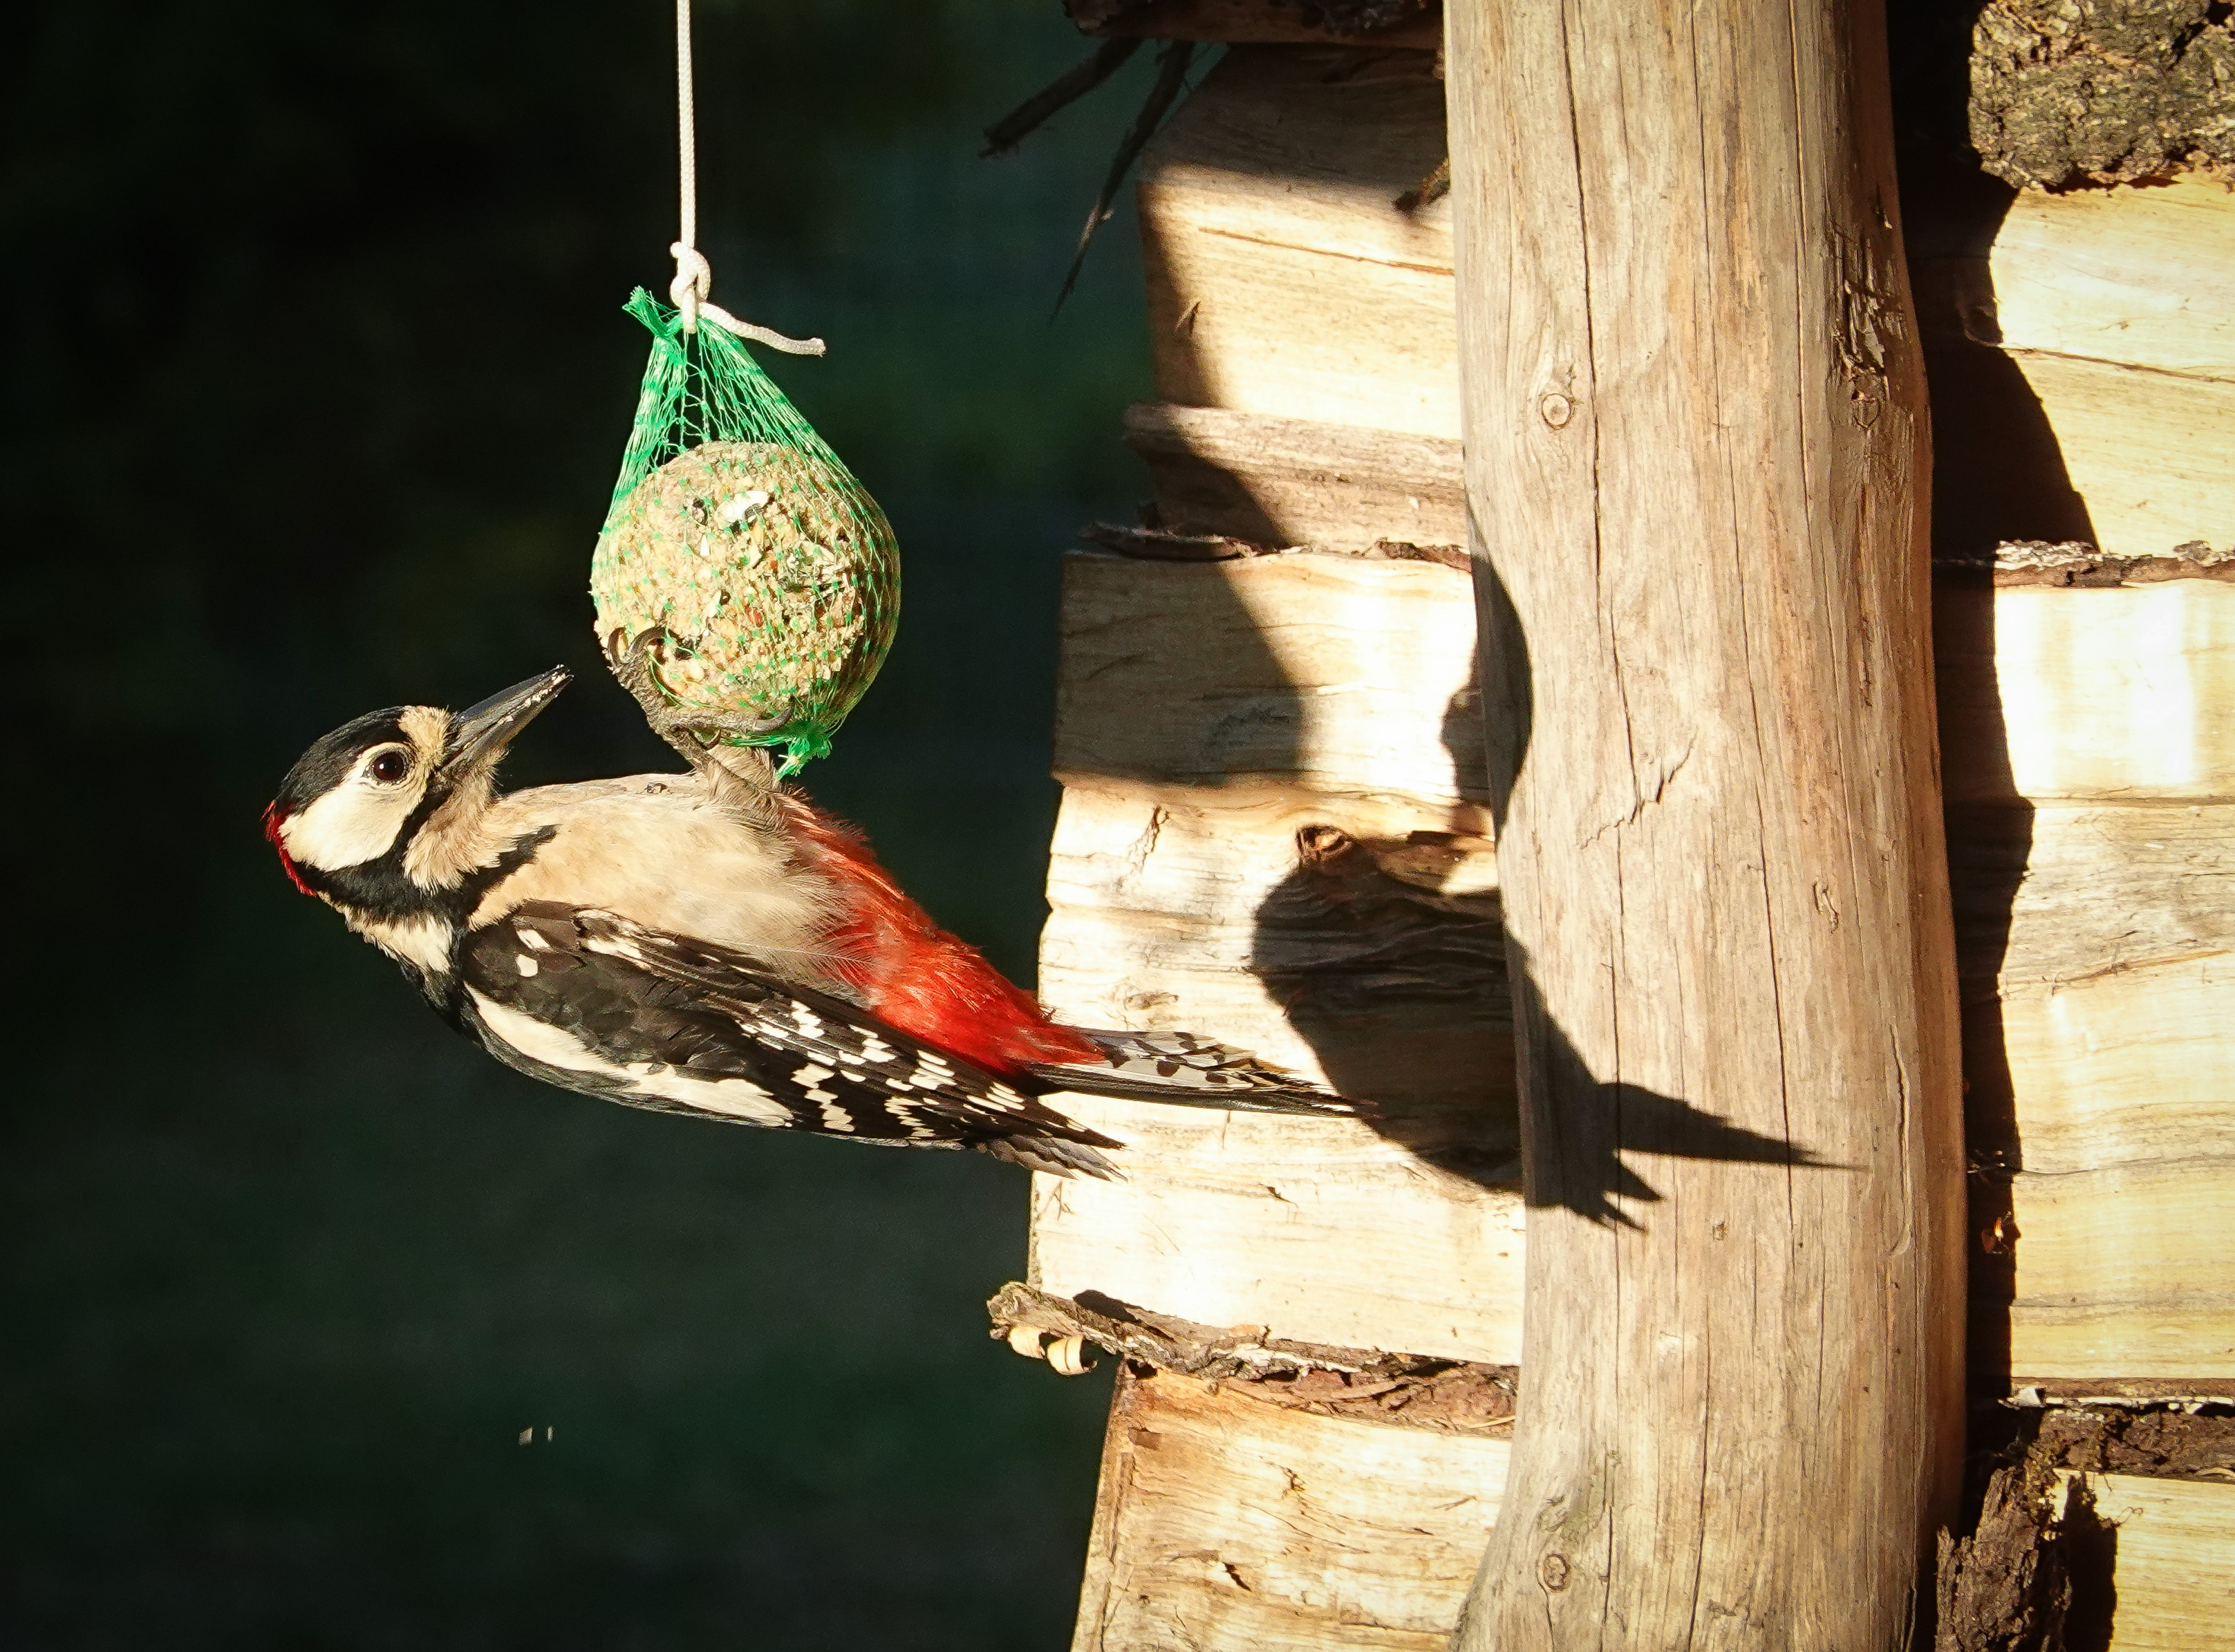 Elkezdődött a madáretetési szezon, de ne kenyeret tegyünk ki nekik